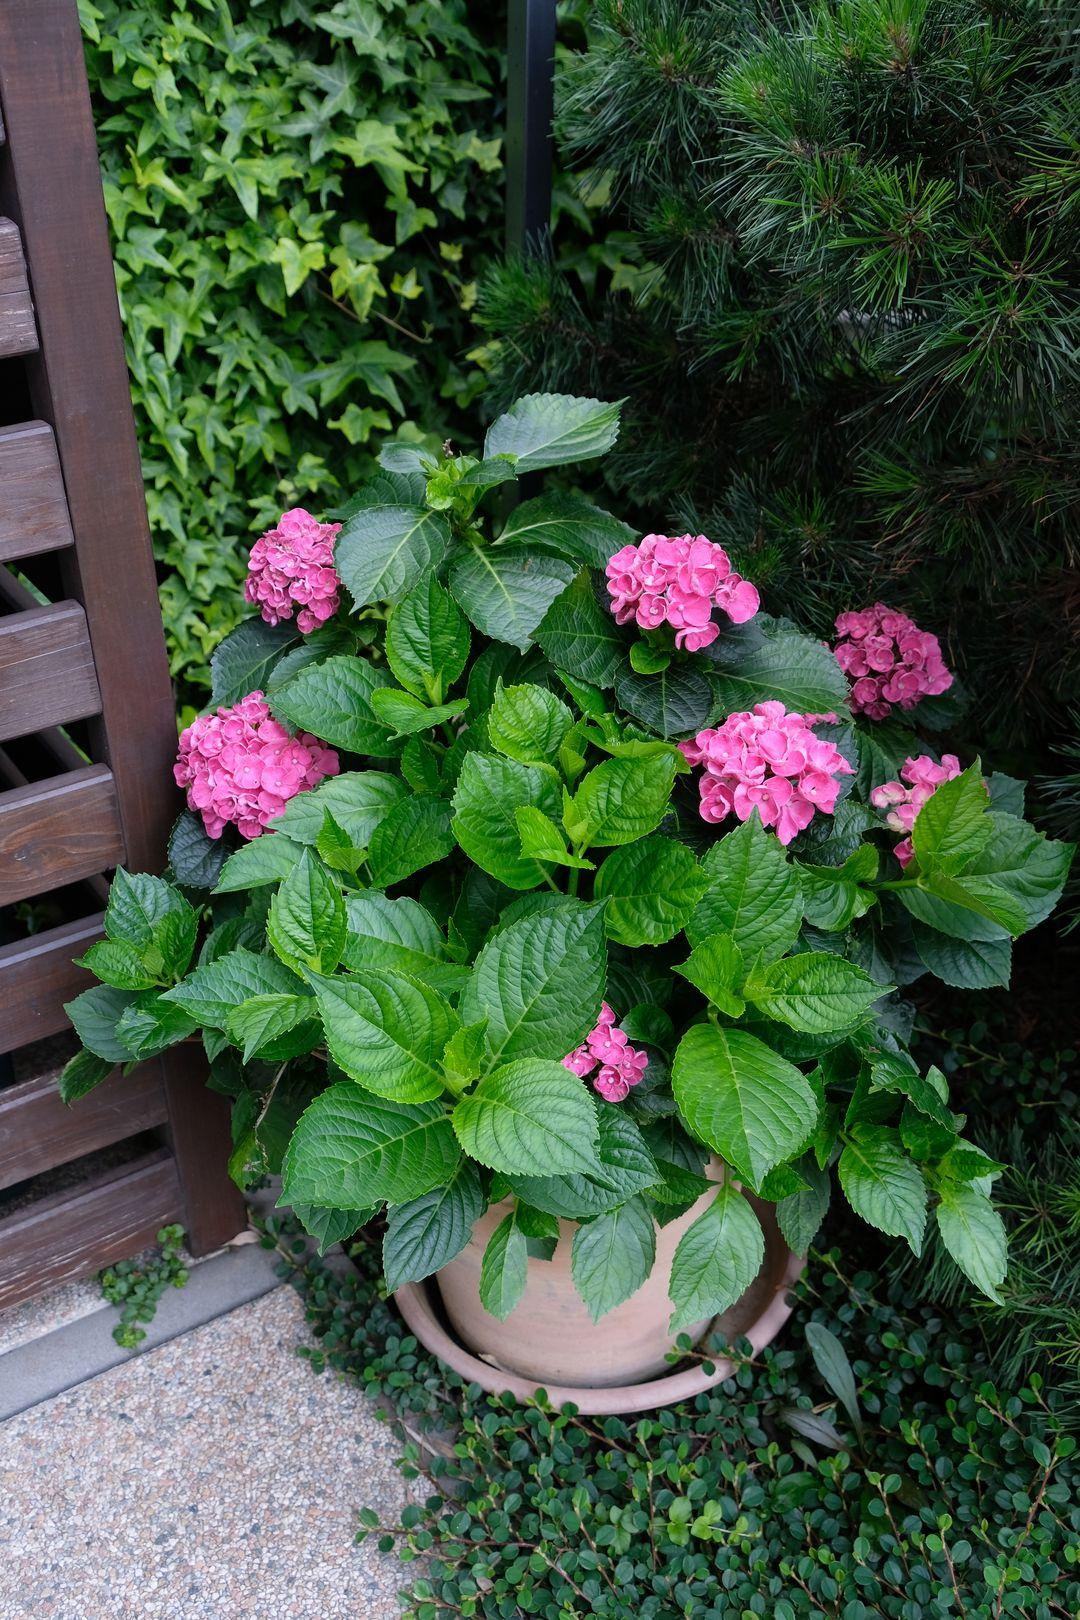 Naša záhradka 2020 - tuto hortenziu mam v kvetinaci uz dva roky, na jar nevyzerala bohvieako, ale nahodila kvety a nakoniec aj listy dorastli na prazdnych miestach, takze teraz je potechou pre oko